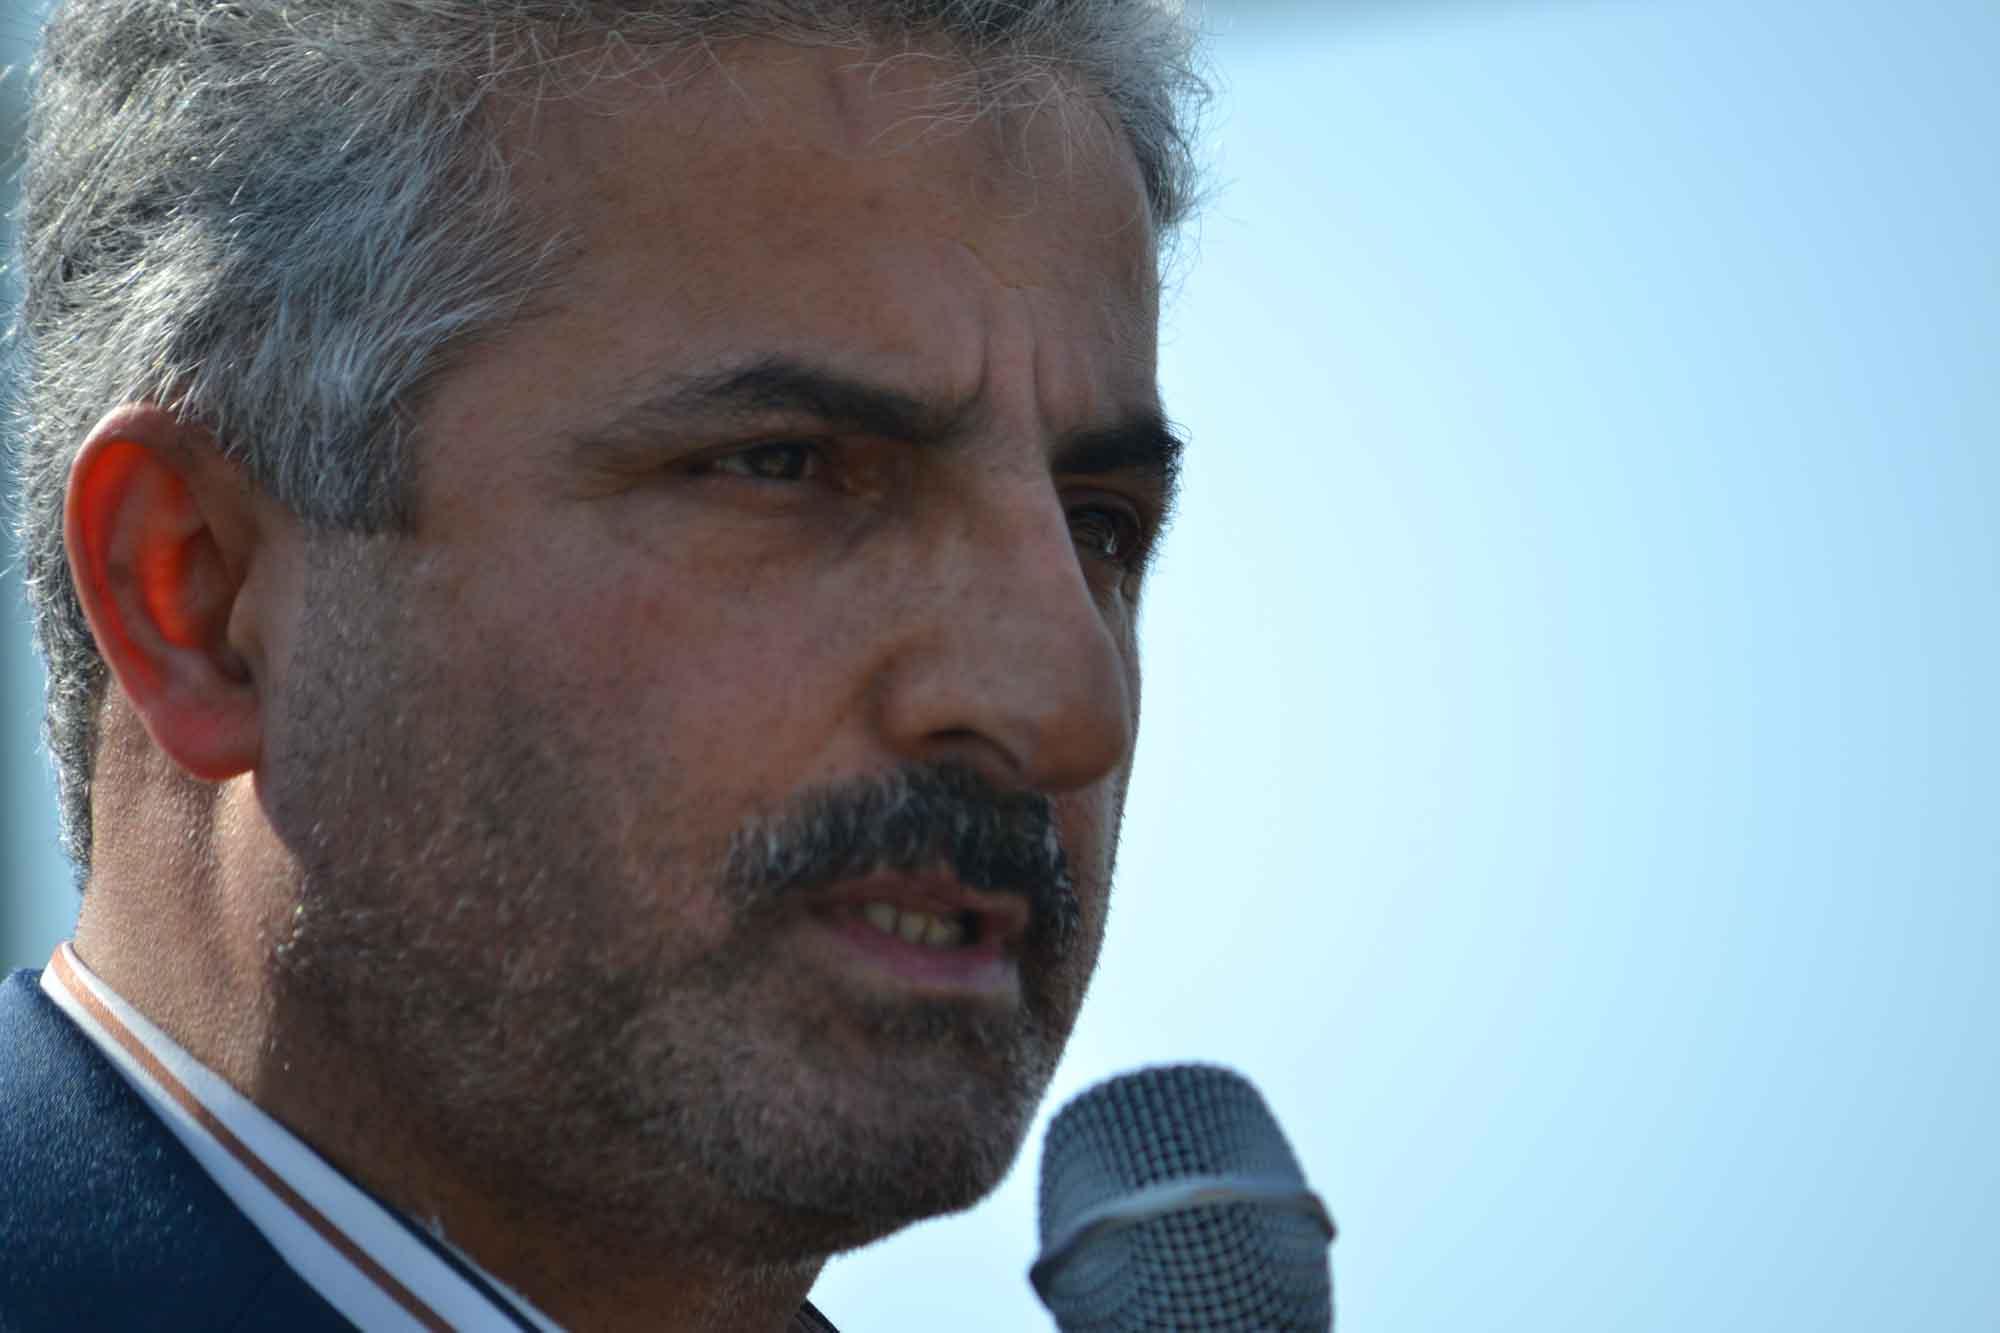 در مجلس چای خارجی مصرف میشود/چای خارجی را به«علی لاریجانی»فروختند/کشاورزان،پول برداشت چای را دریافت نکردند